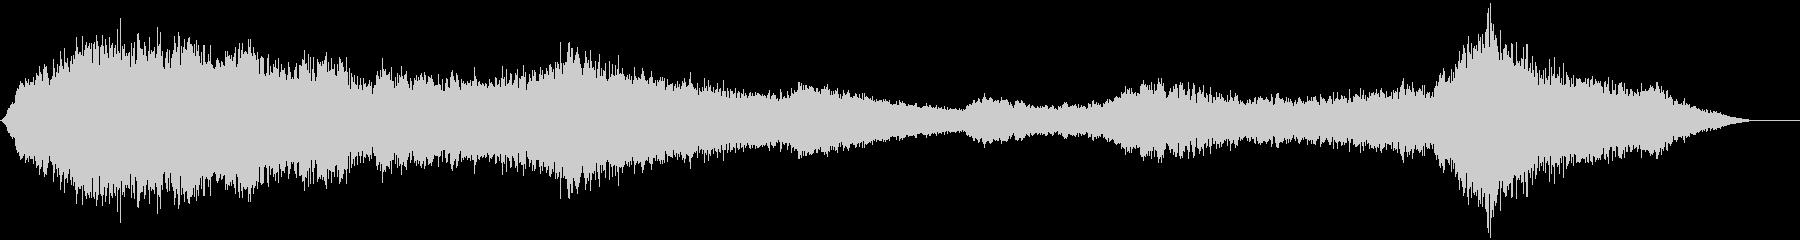 ゆっくりと変化するピッチのベルトーンの未再生の波形